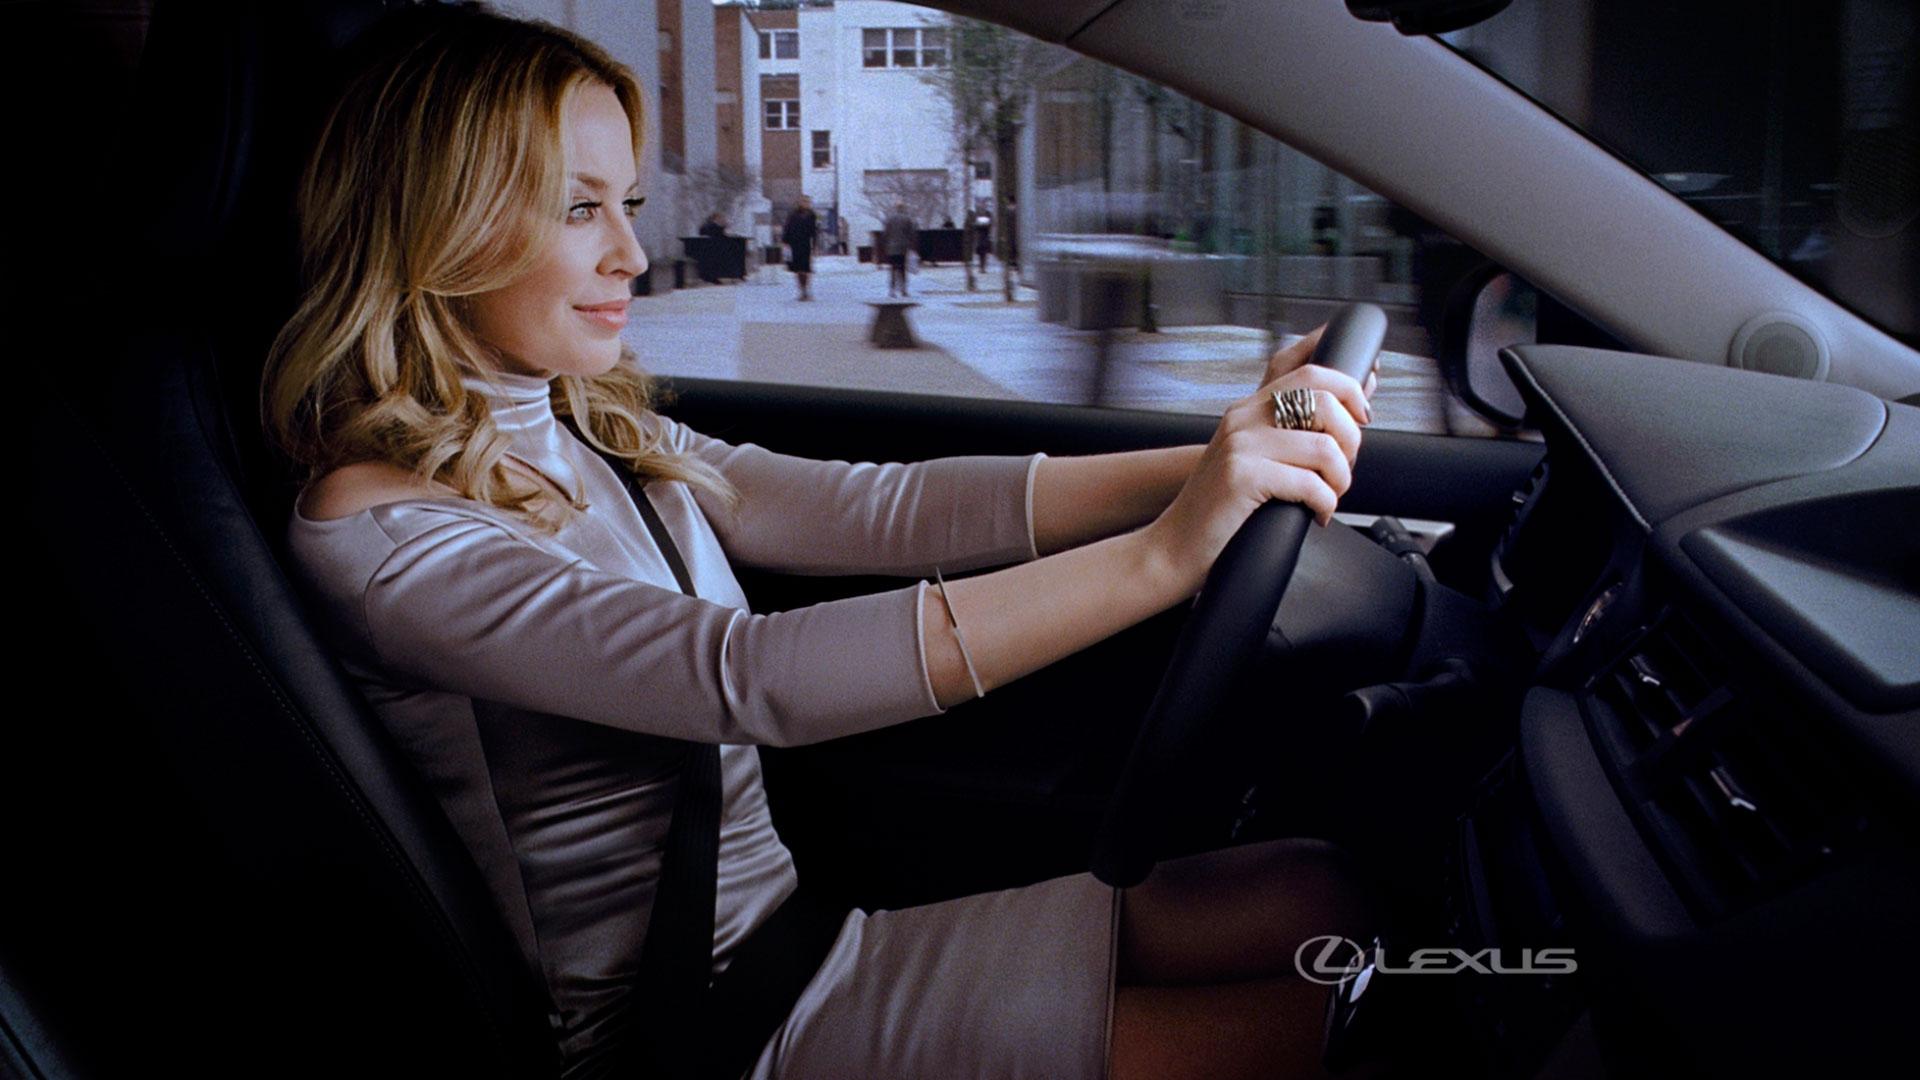 El Lexus de Kylie hero asset